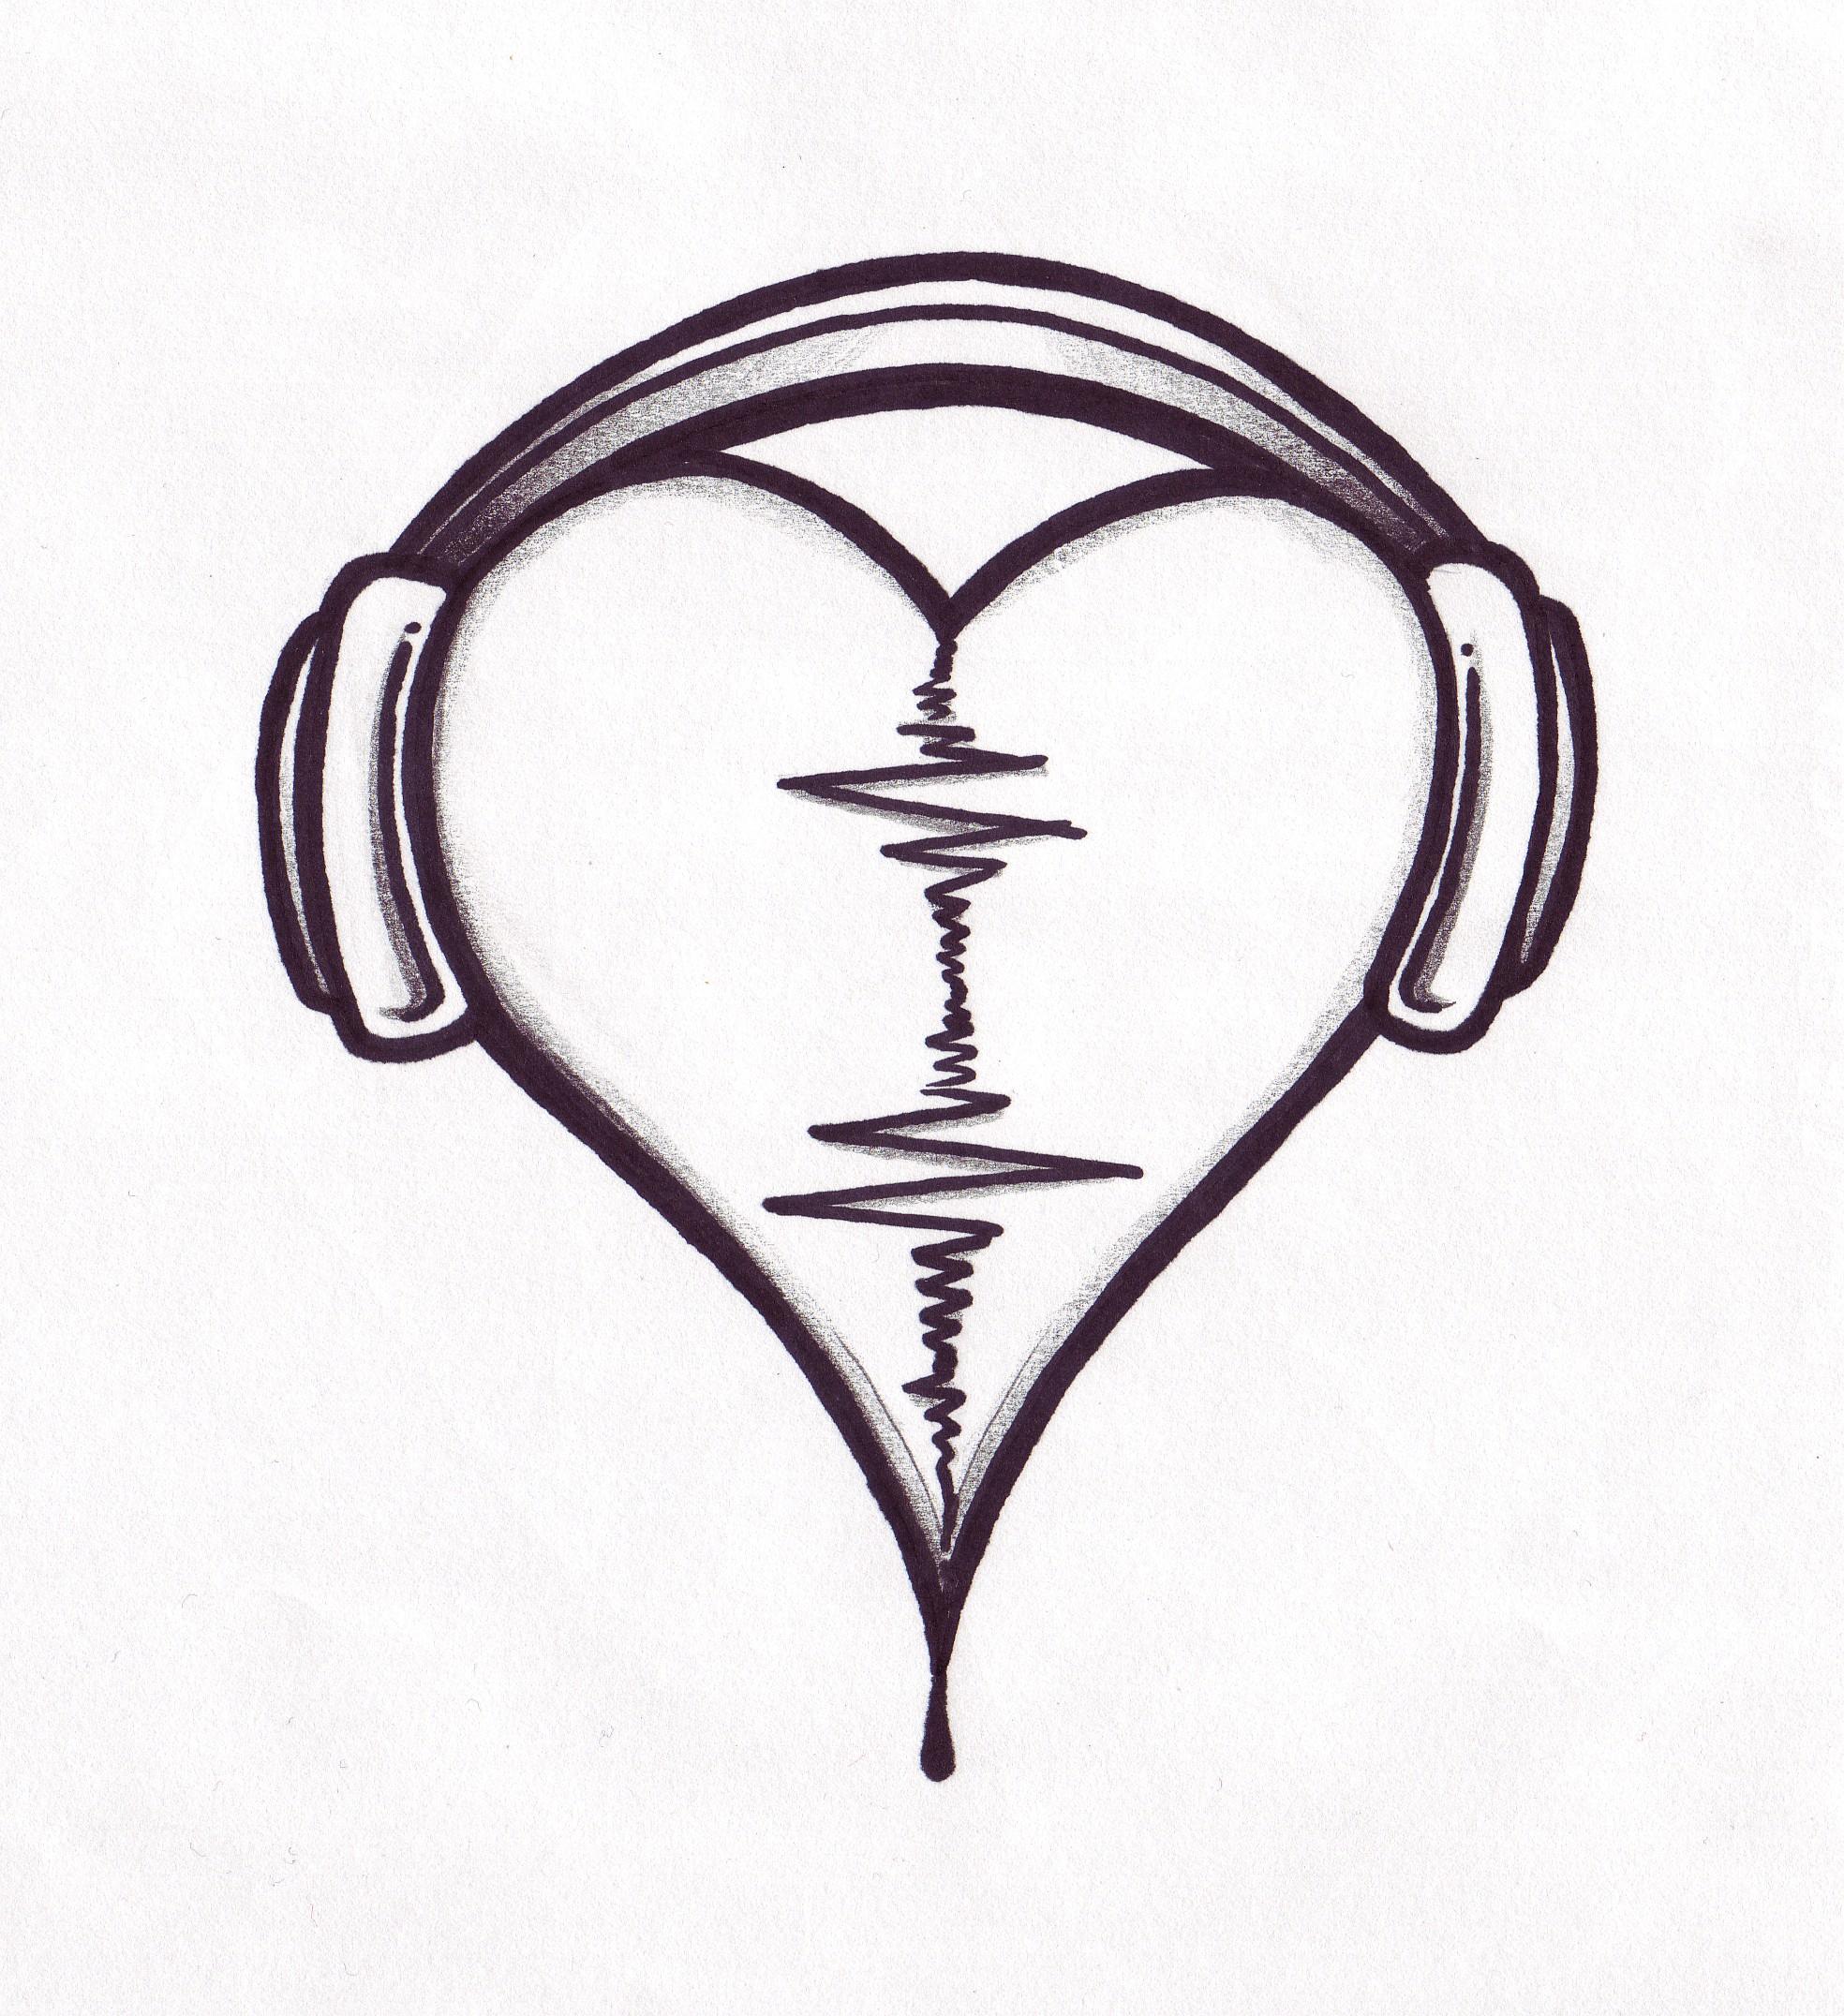 Crazy Tattoo Ink: Heart Tattoo Designs Tumblr